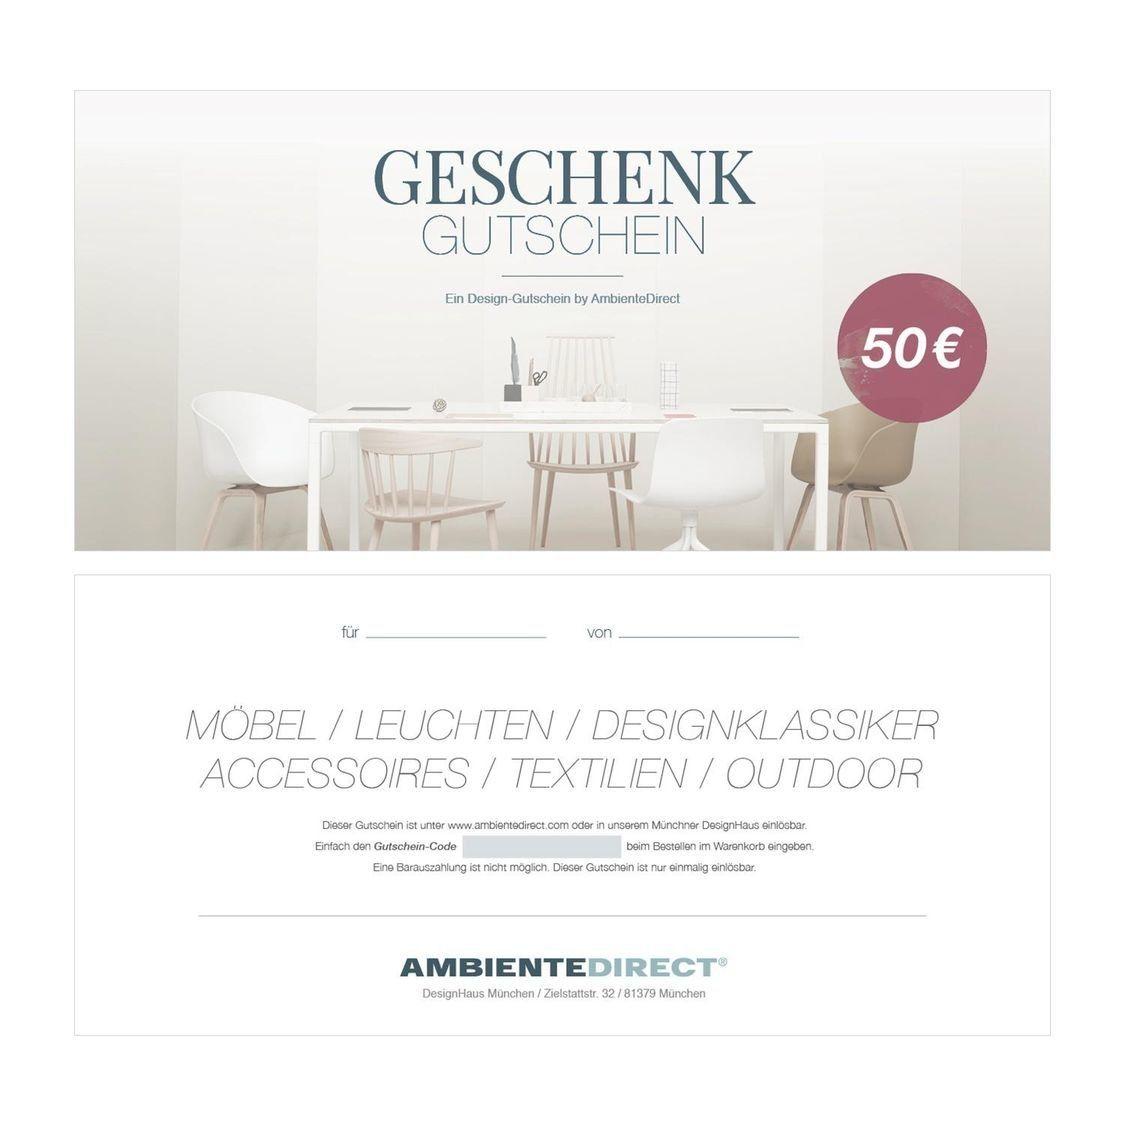 Ambientedirect Gutschein design geschenkgutschein eur ambientedirect ambientedirect com